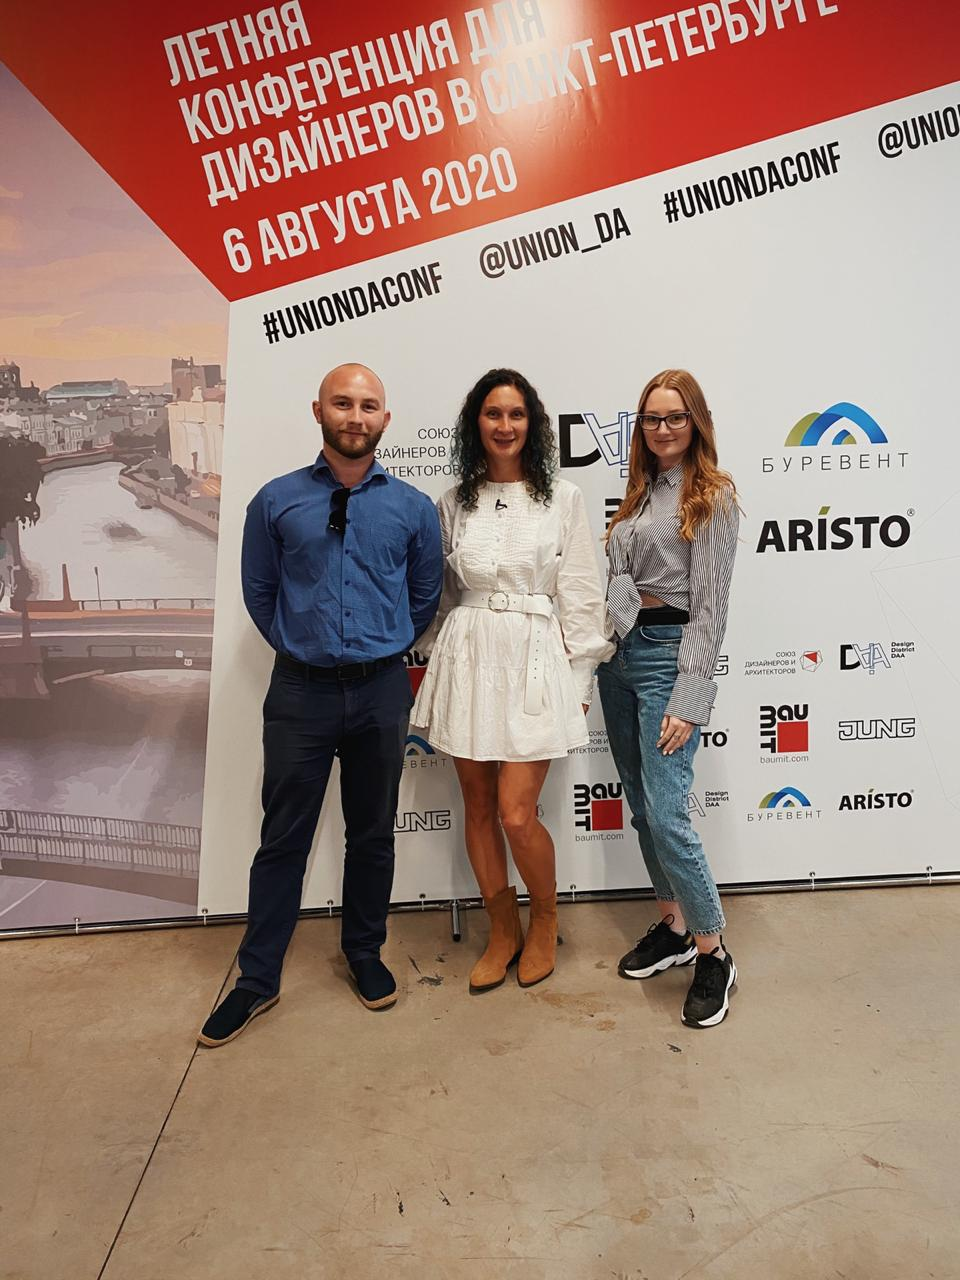 Летняя конференция для дизайнеров в Санкт-Петербурге